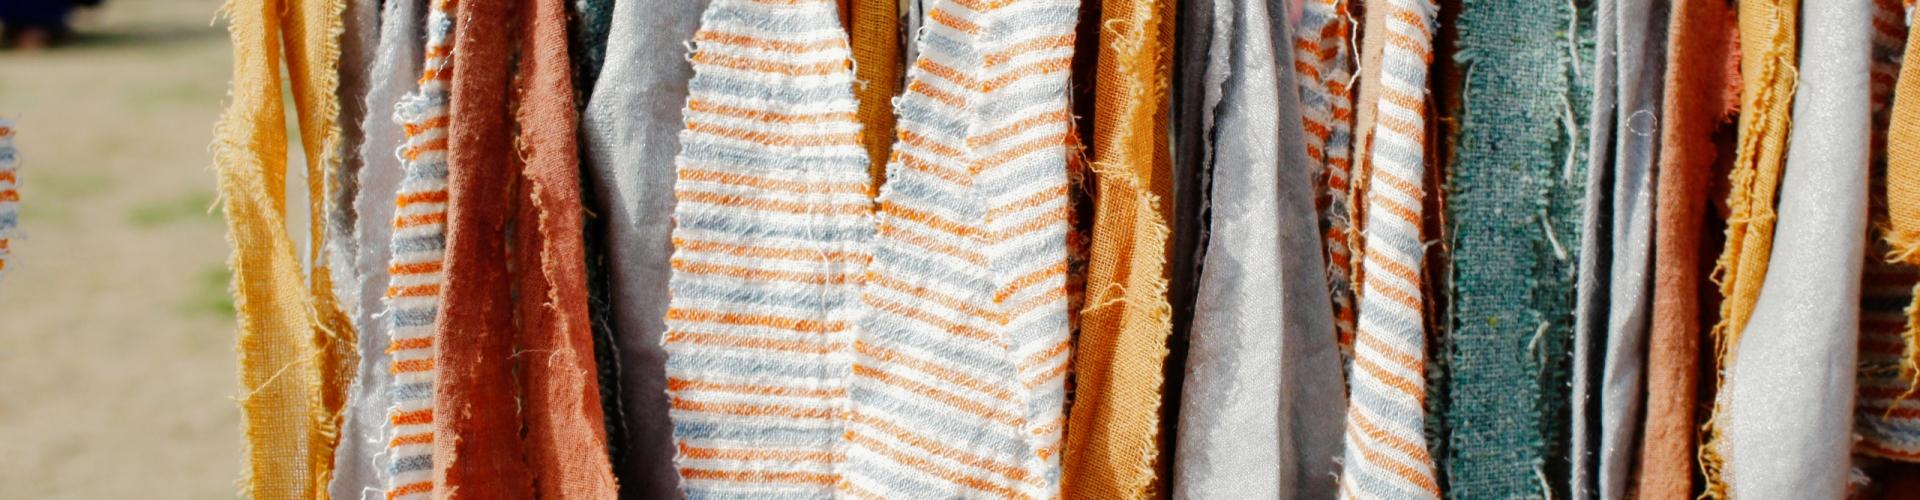 bande de tissu upcyclée